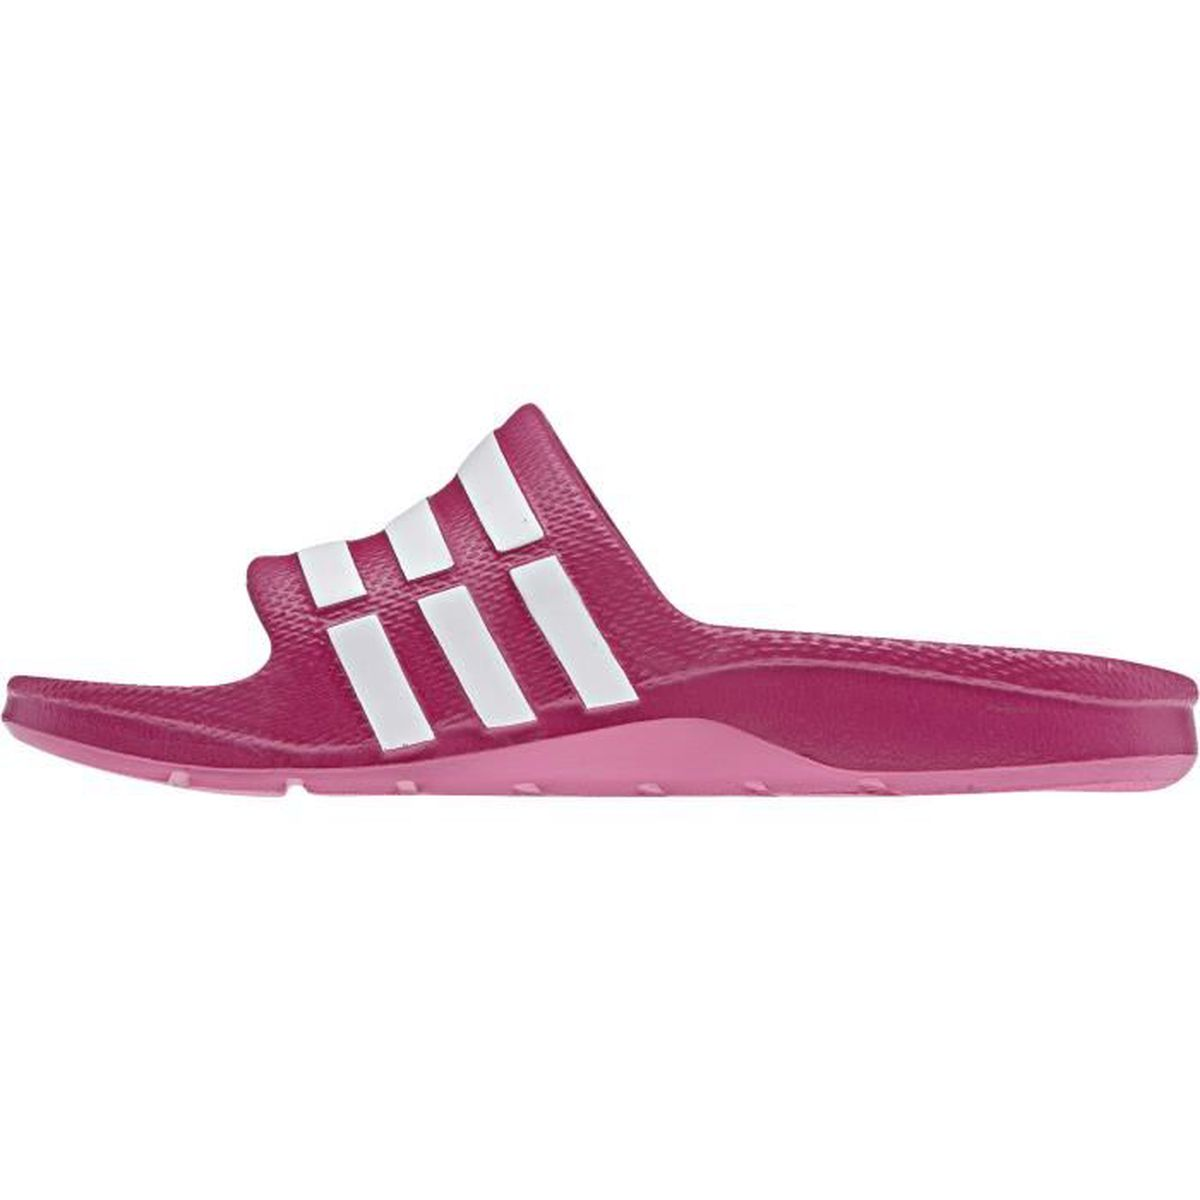 f740c8ca3c61f Sandales adidas enfant - Achat   Vente pas cher